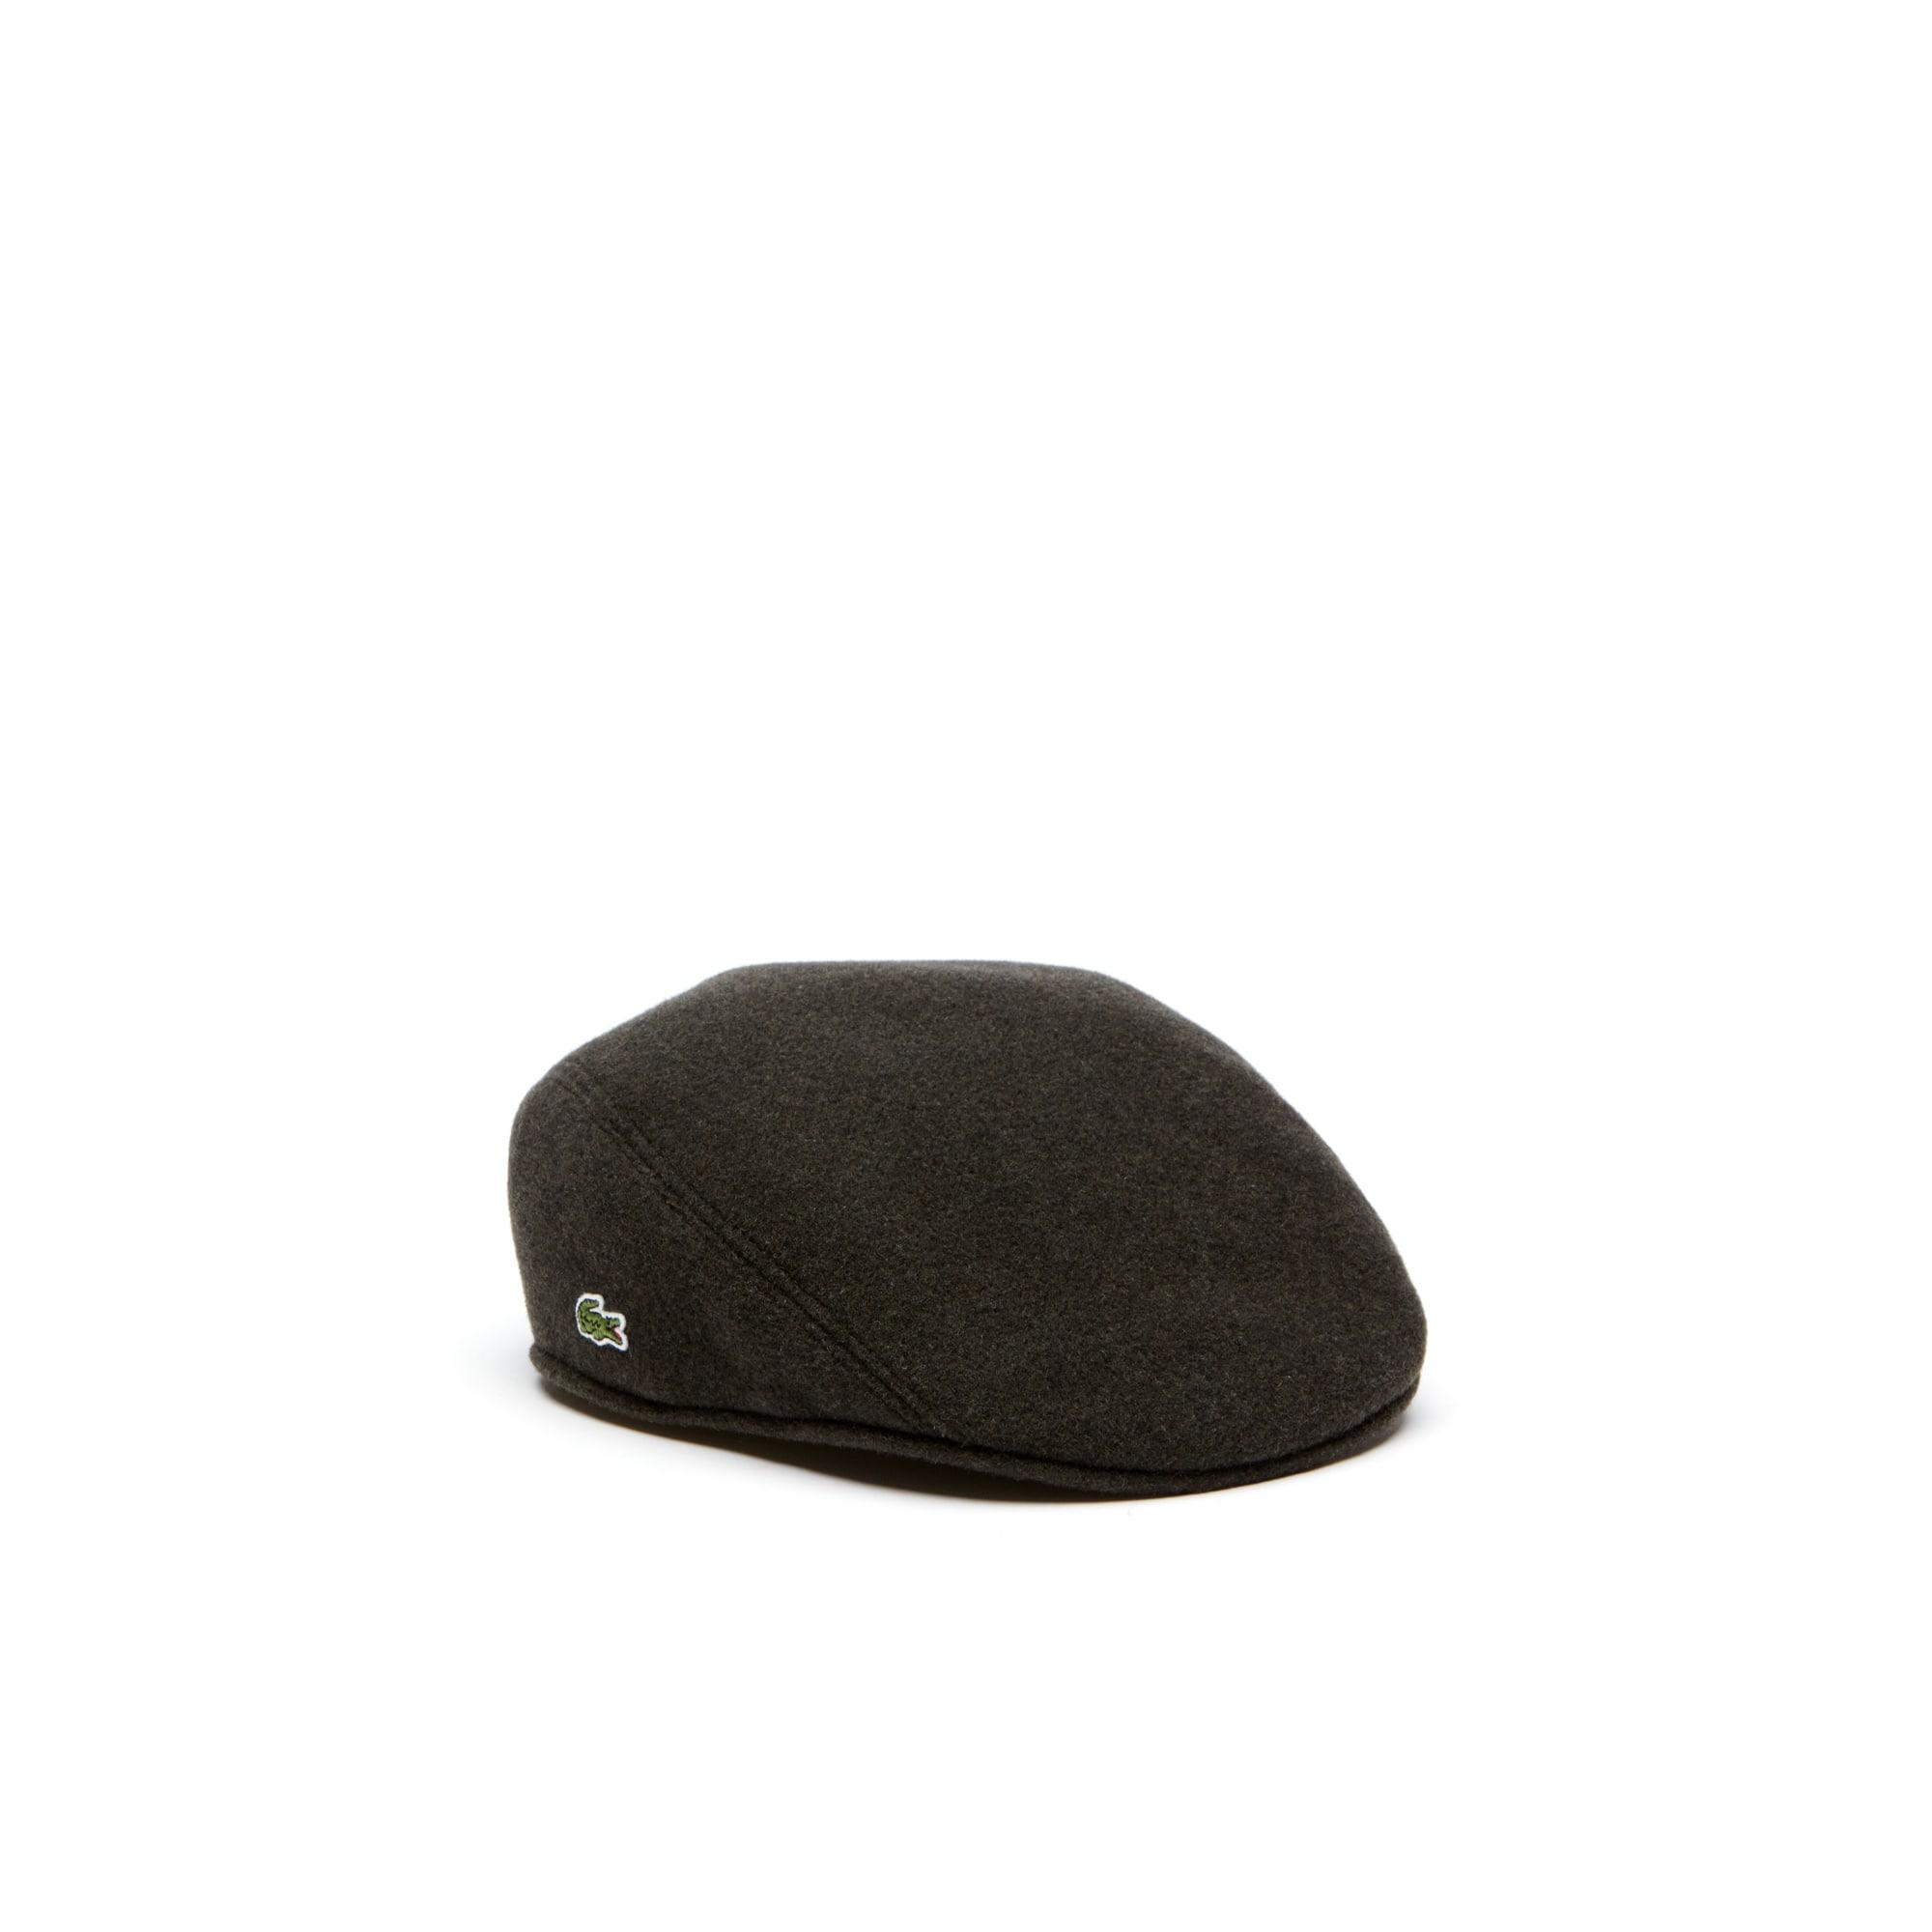 Flache Herren-Kappe aus gewalkter Wolle